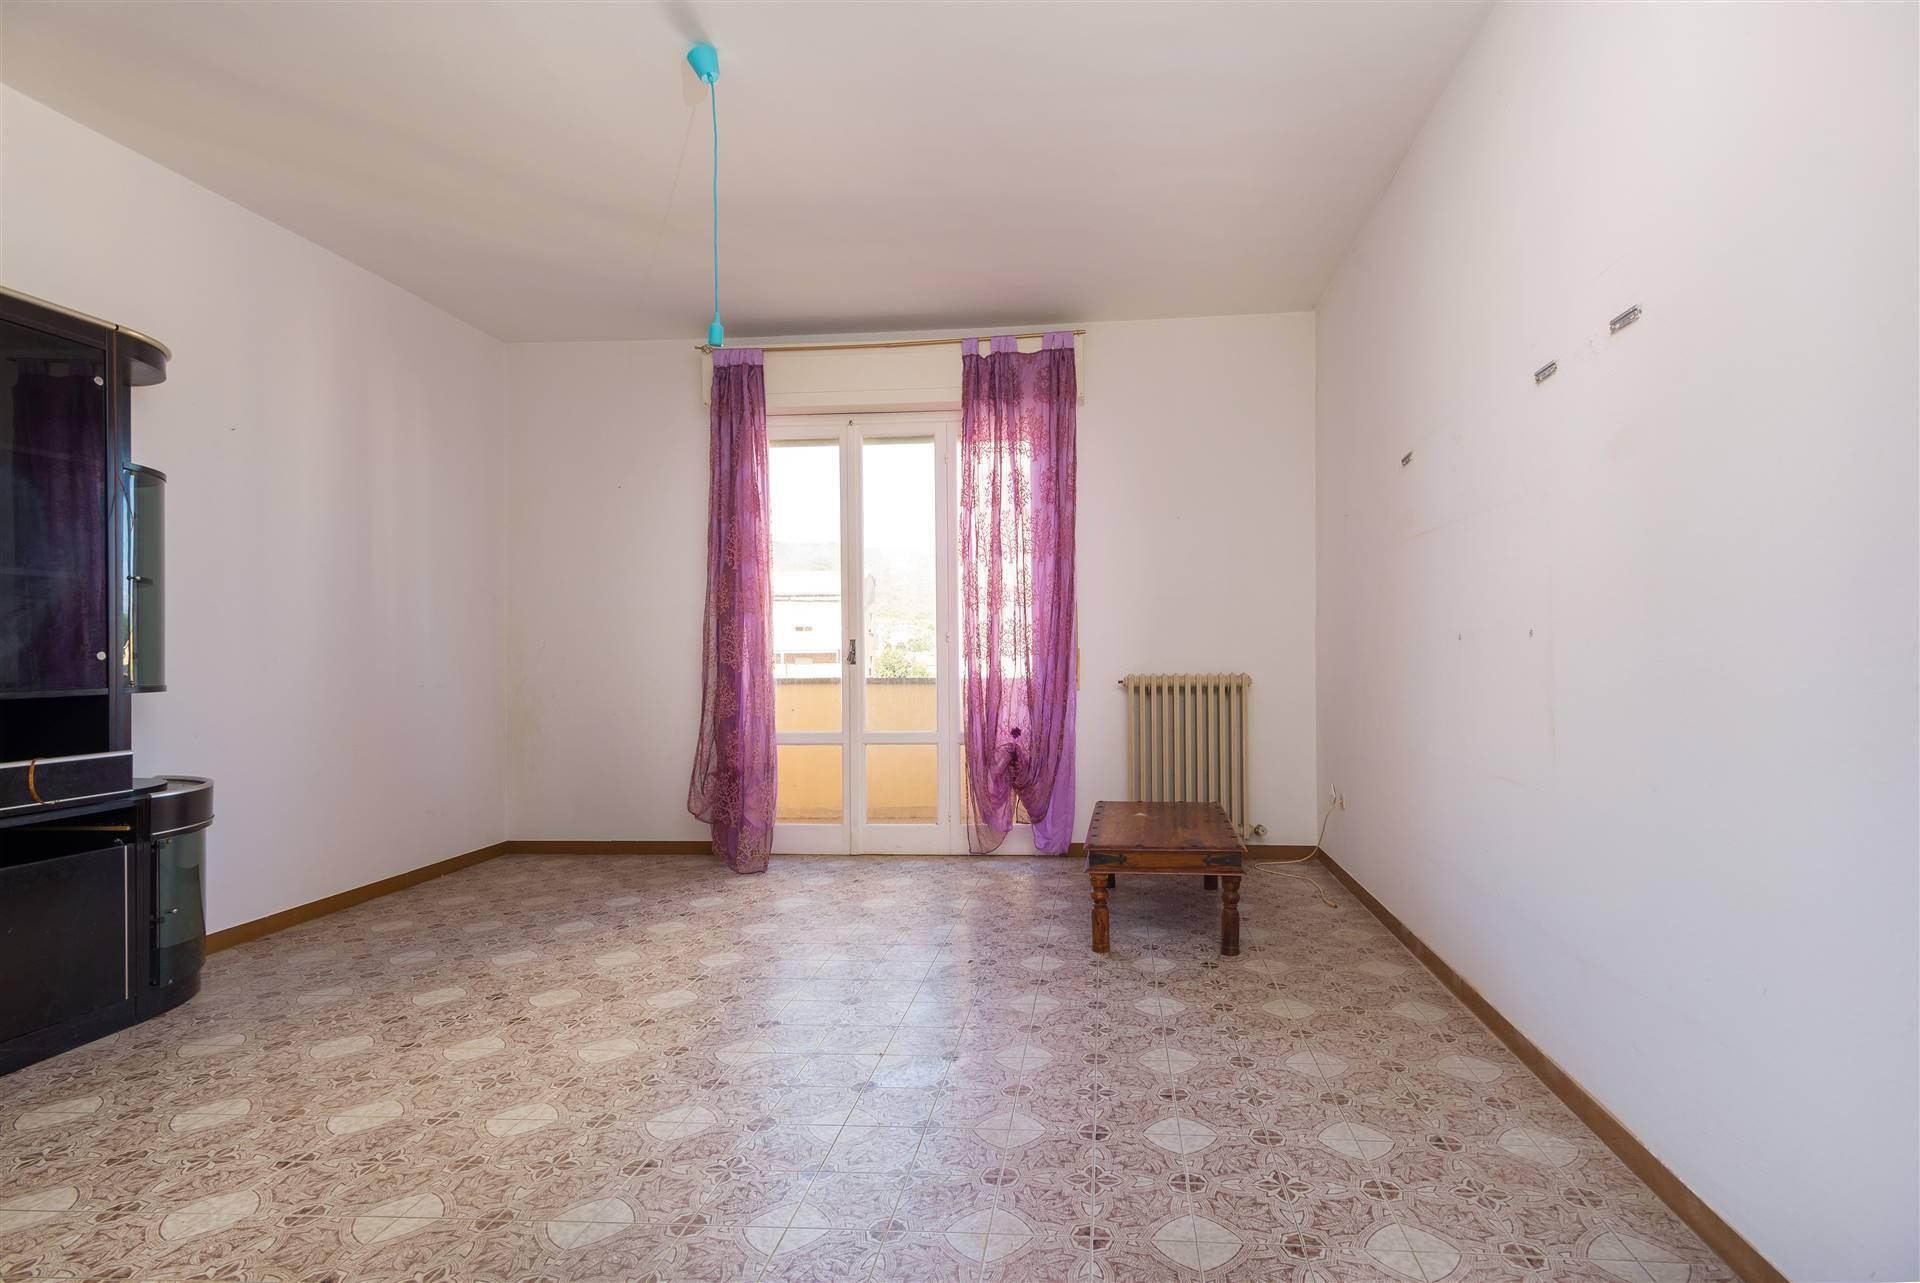 Appartamento in vendita a Campiglia Marittima, 6 locali, zona urina, prezzo € 140.000   PortaleAgenzieImmobiliari.it